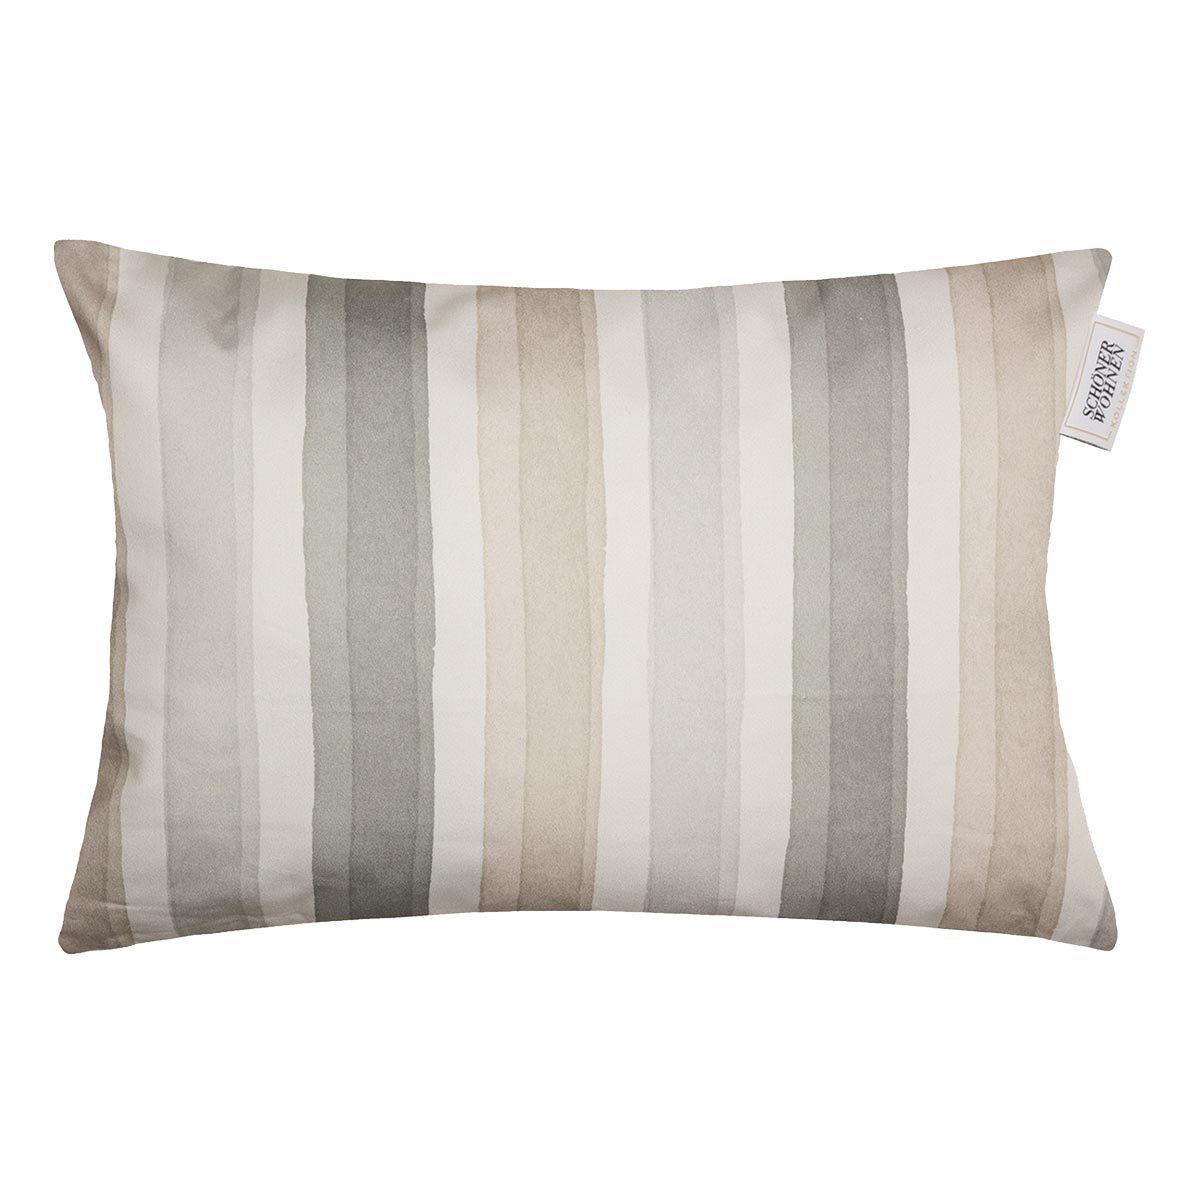 sch ner wohnen kissenh lle aquarello g nstig online kaufen. Black Bedroom Furniture Sets. Home Design Ideas